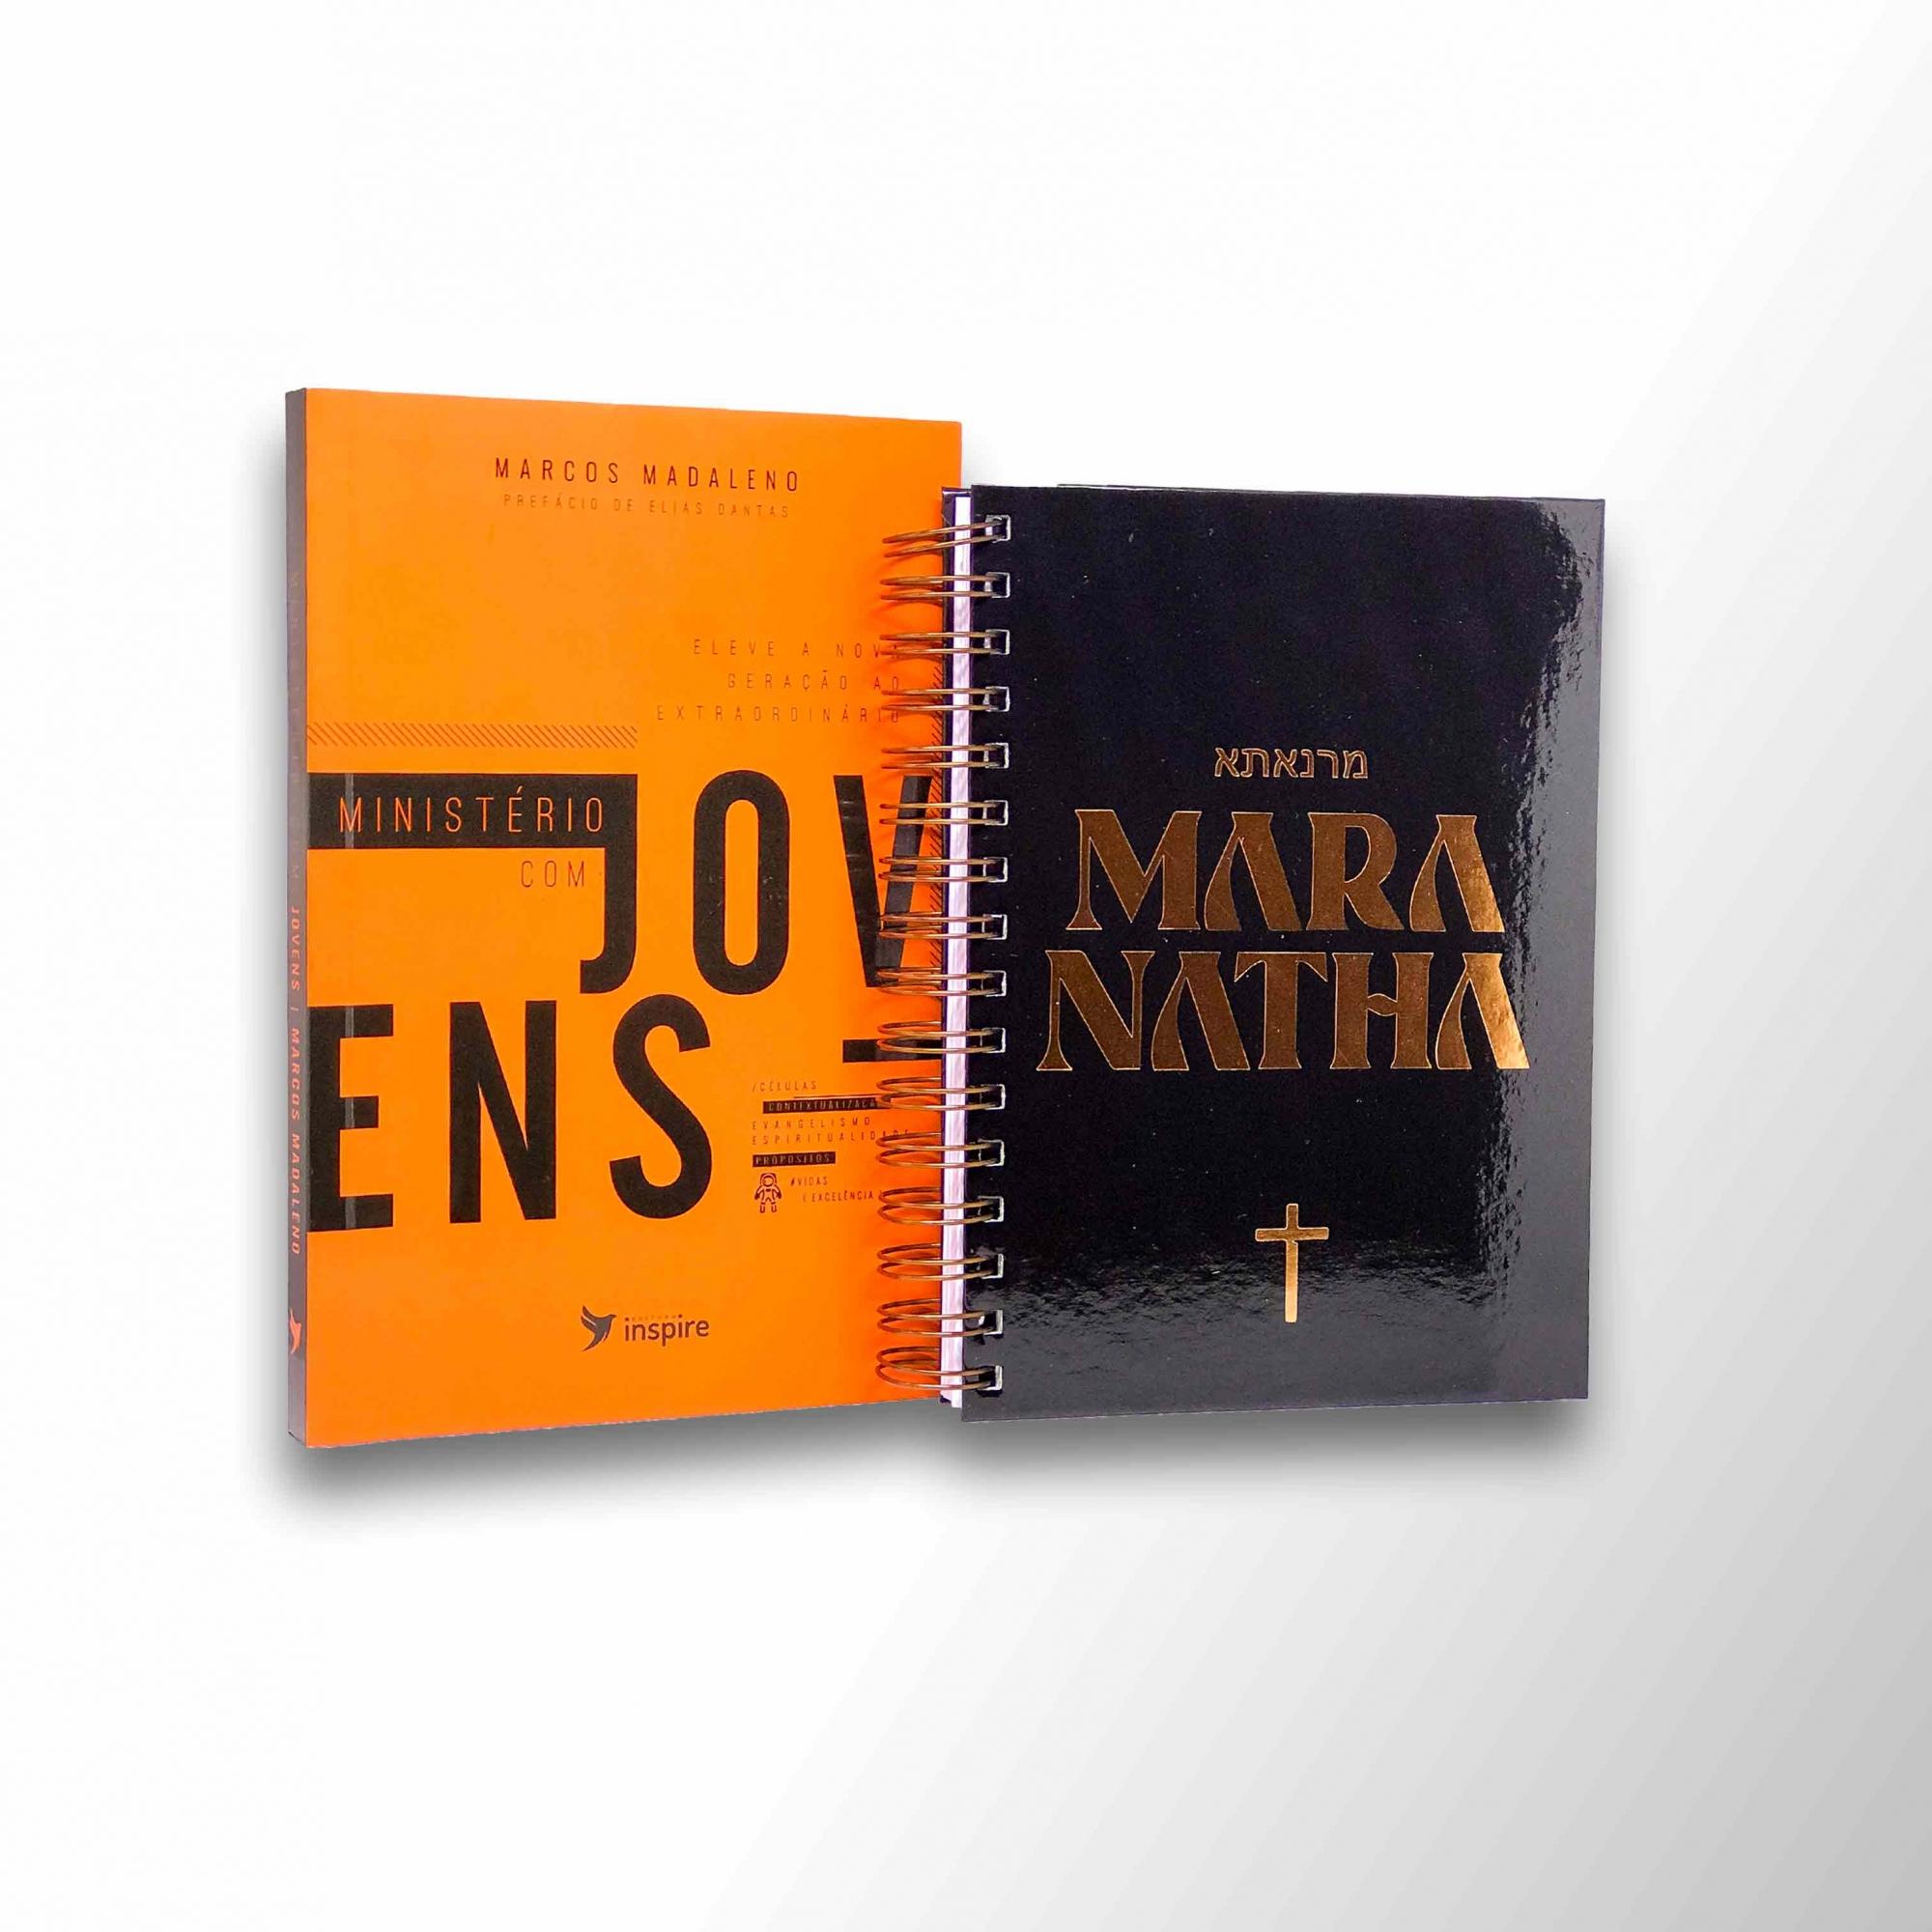 BOX MINISTÉRIO COM JOVENS - Frete Grátis